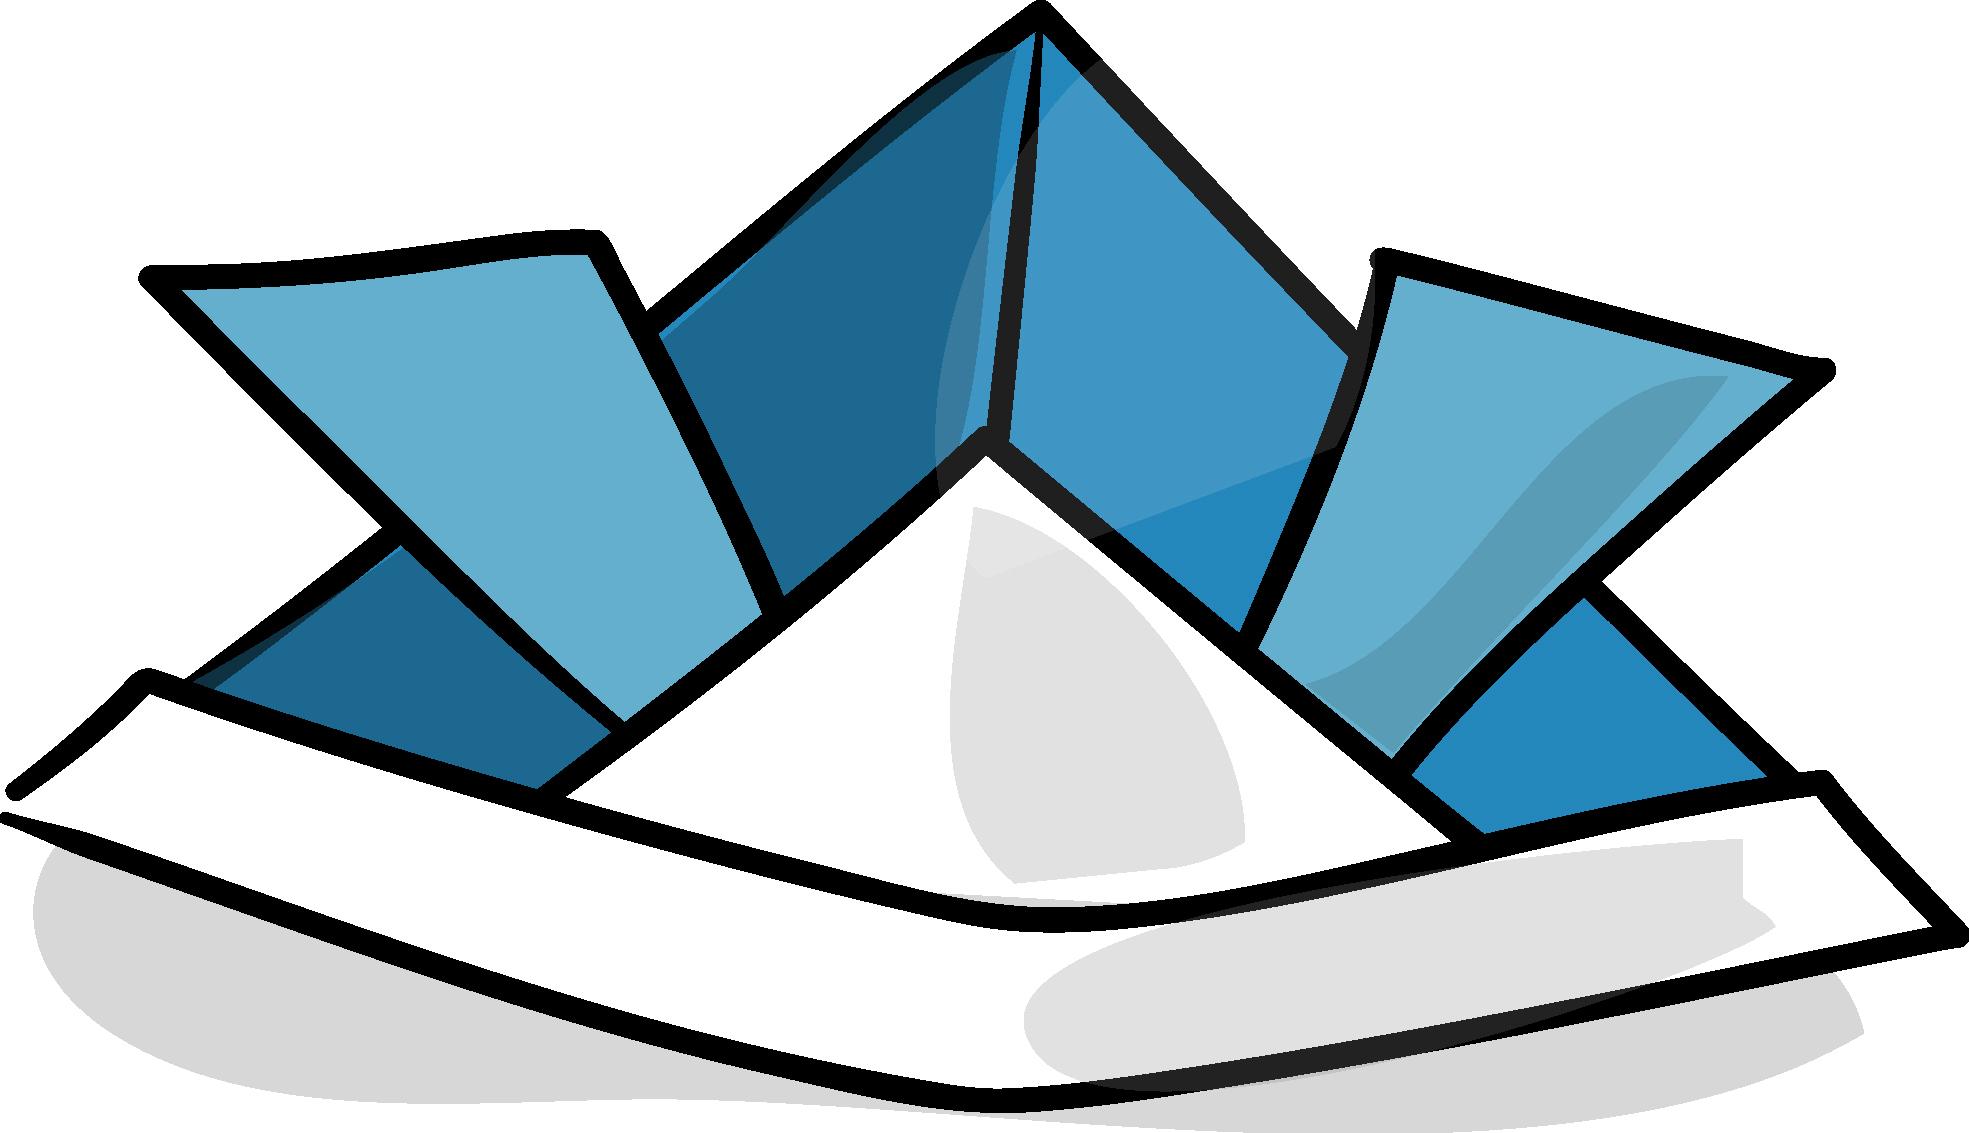 折り紙かぶとのイラスト素材 ... : 折り紙 こども : 折り紙